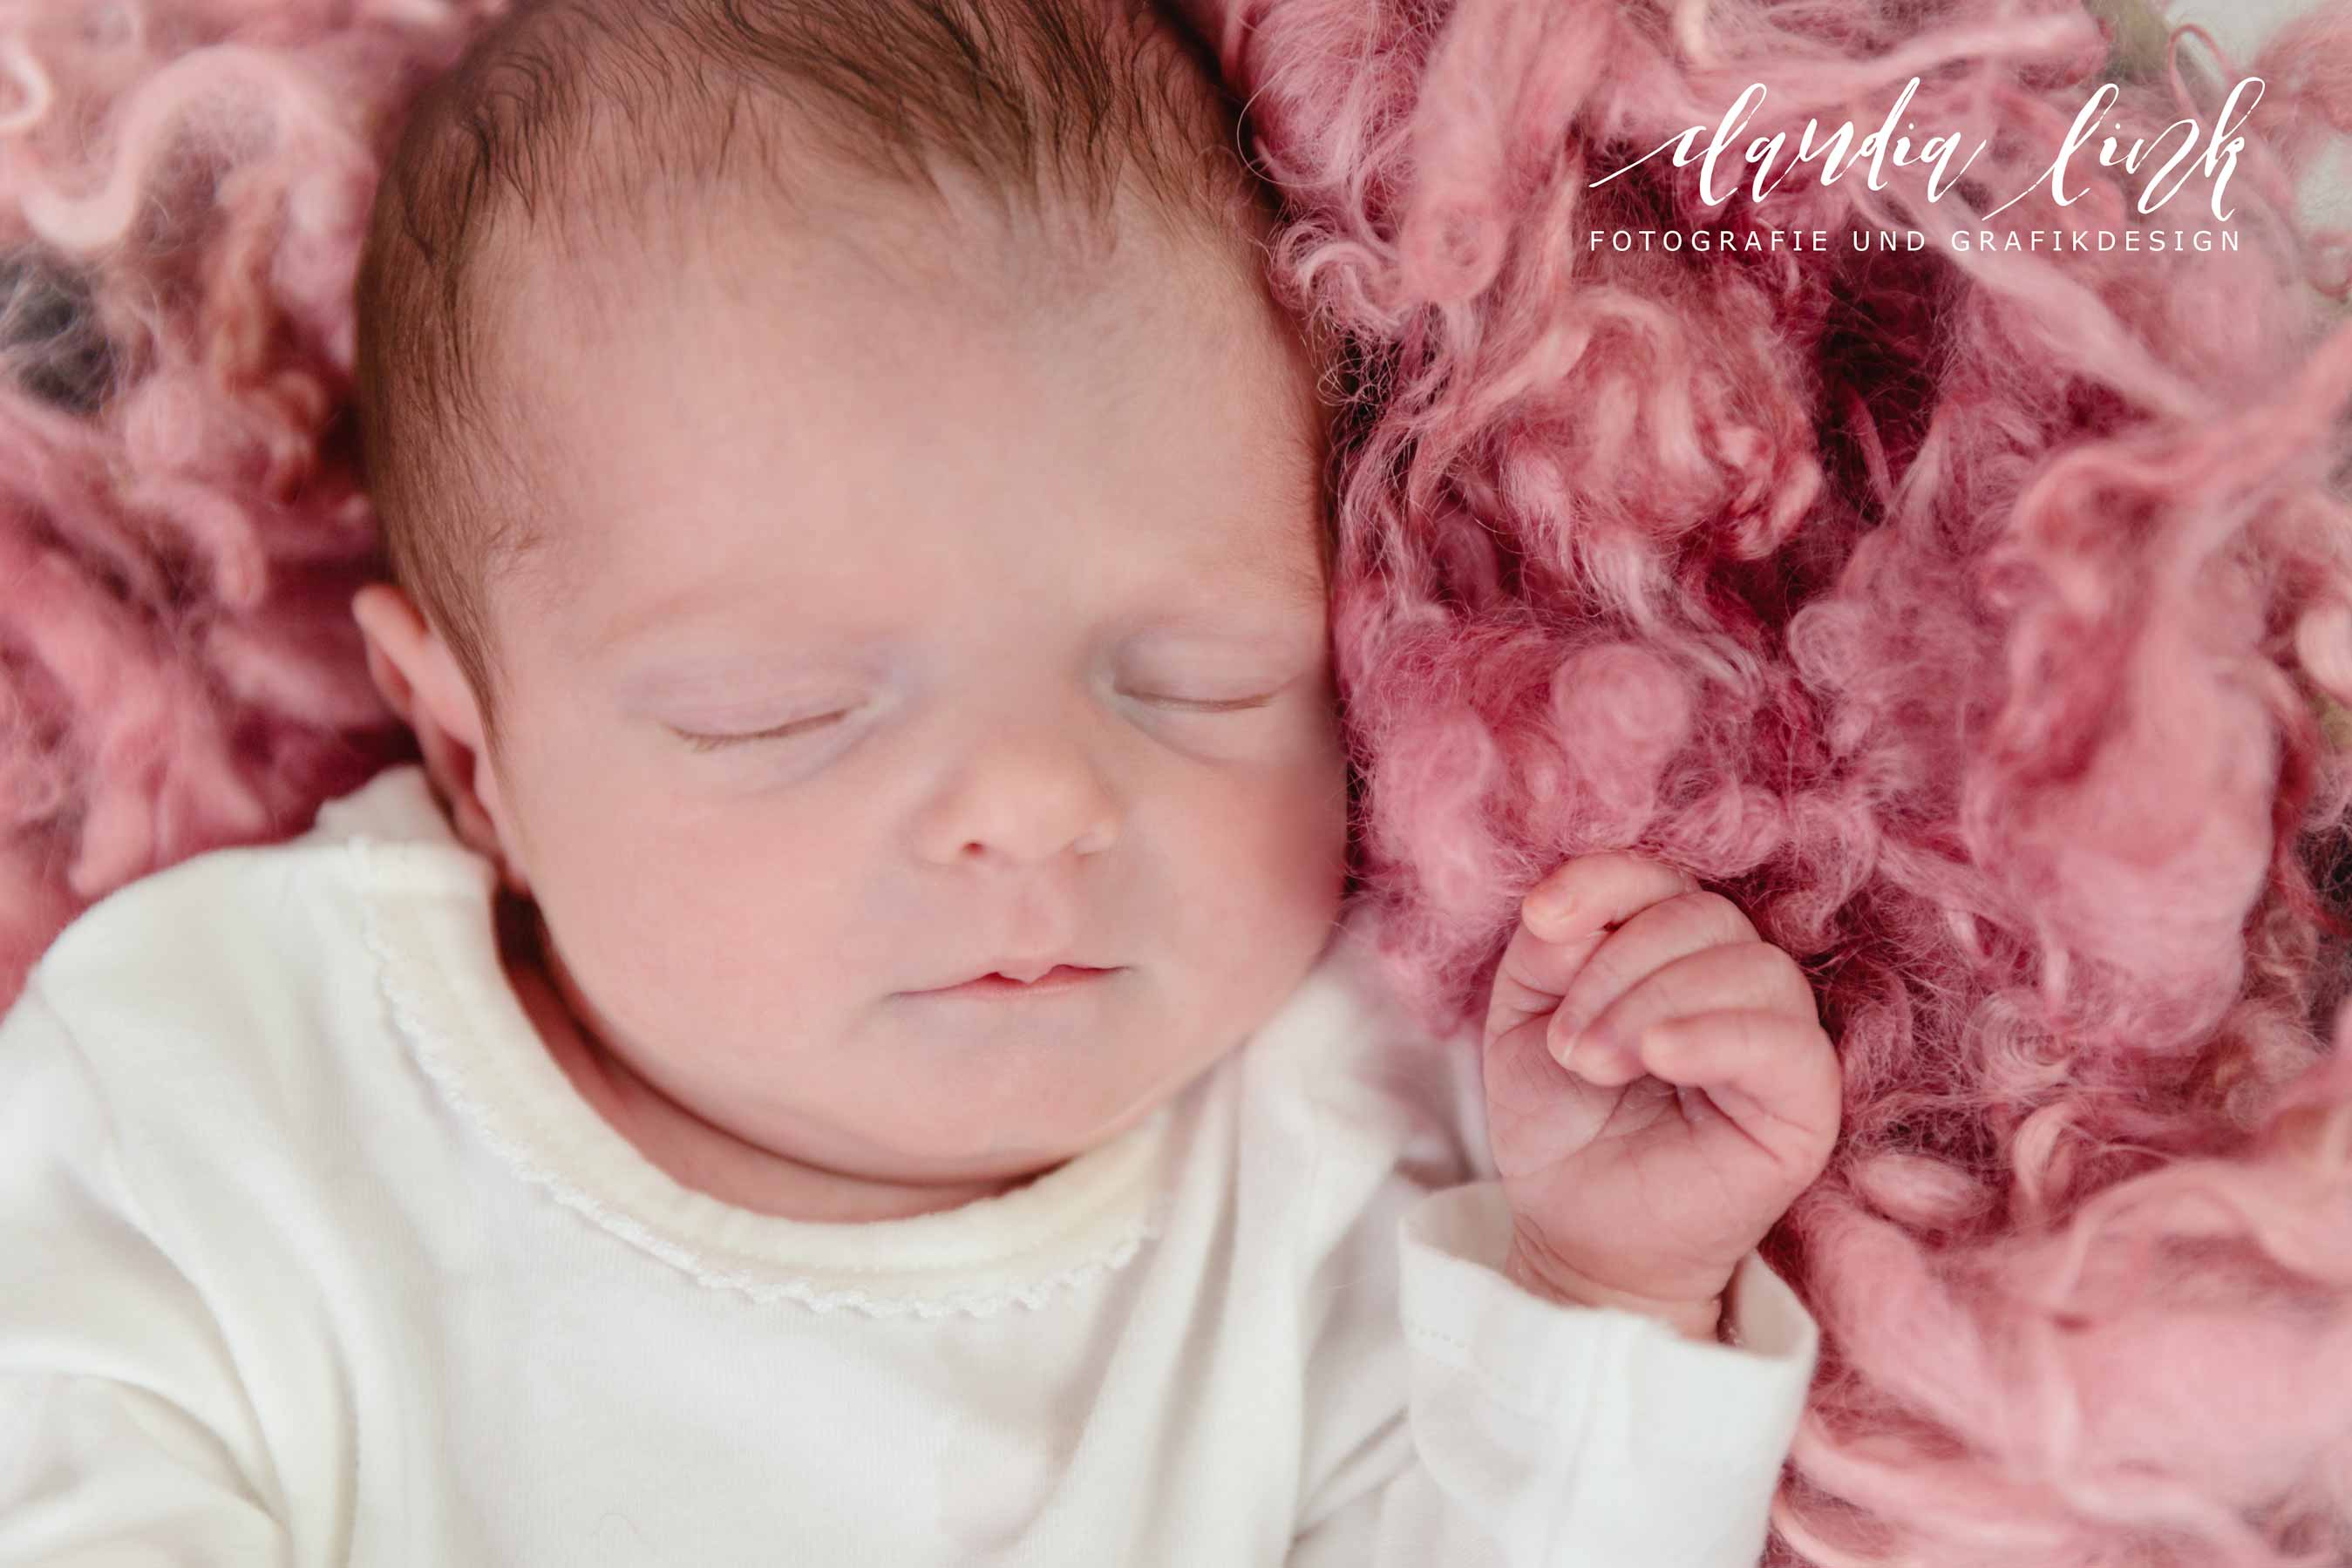 Newbornshooting – Ein schlafendes Baby verzaubert IMG 4947w